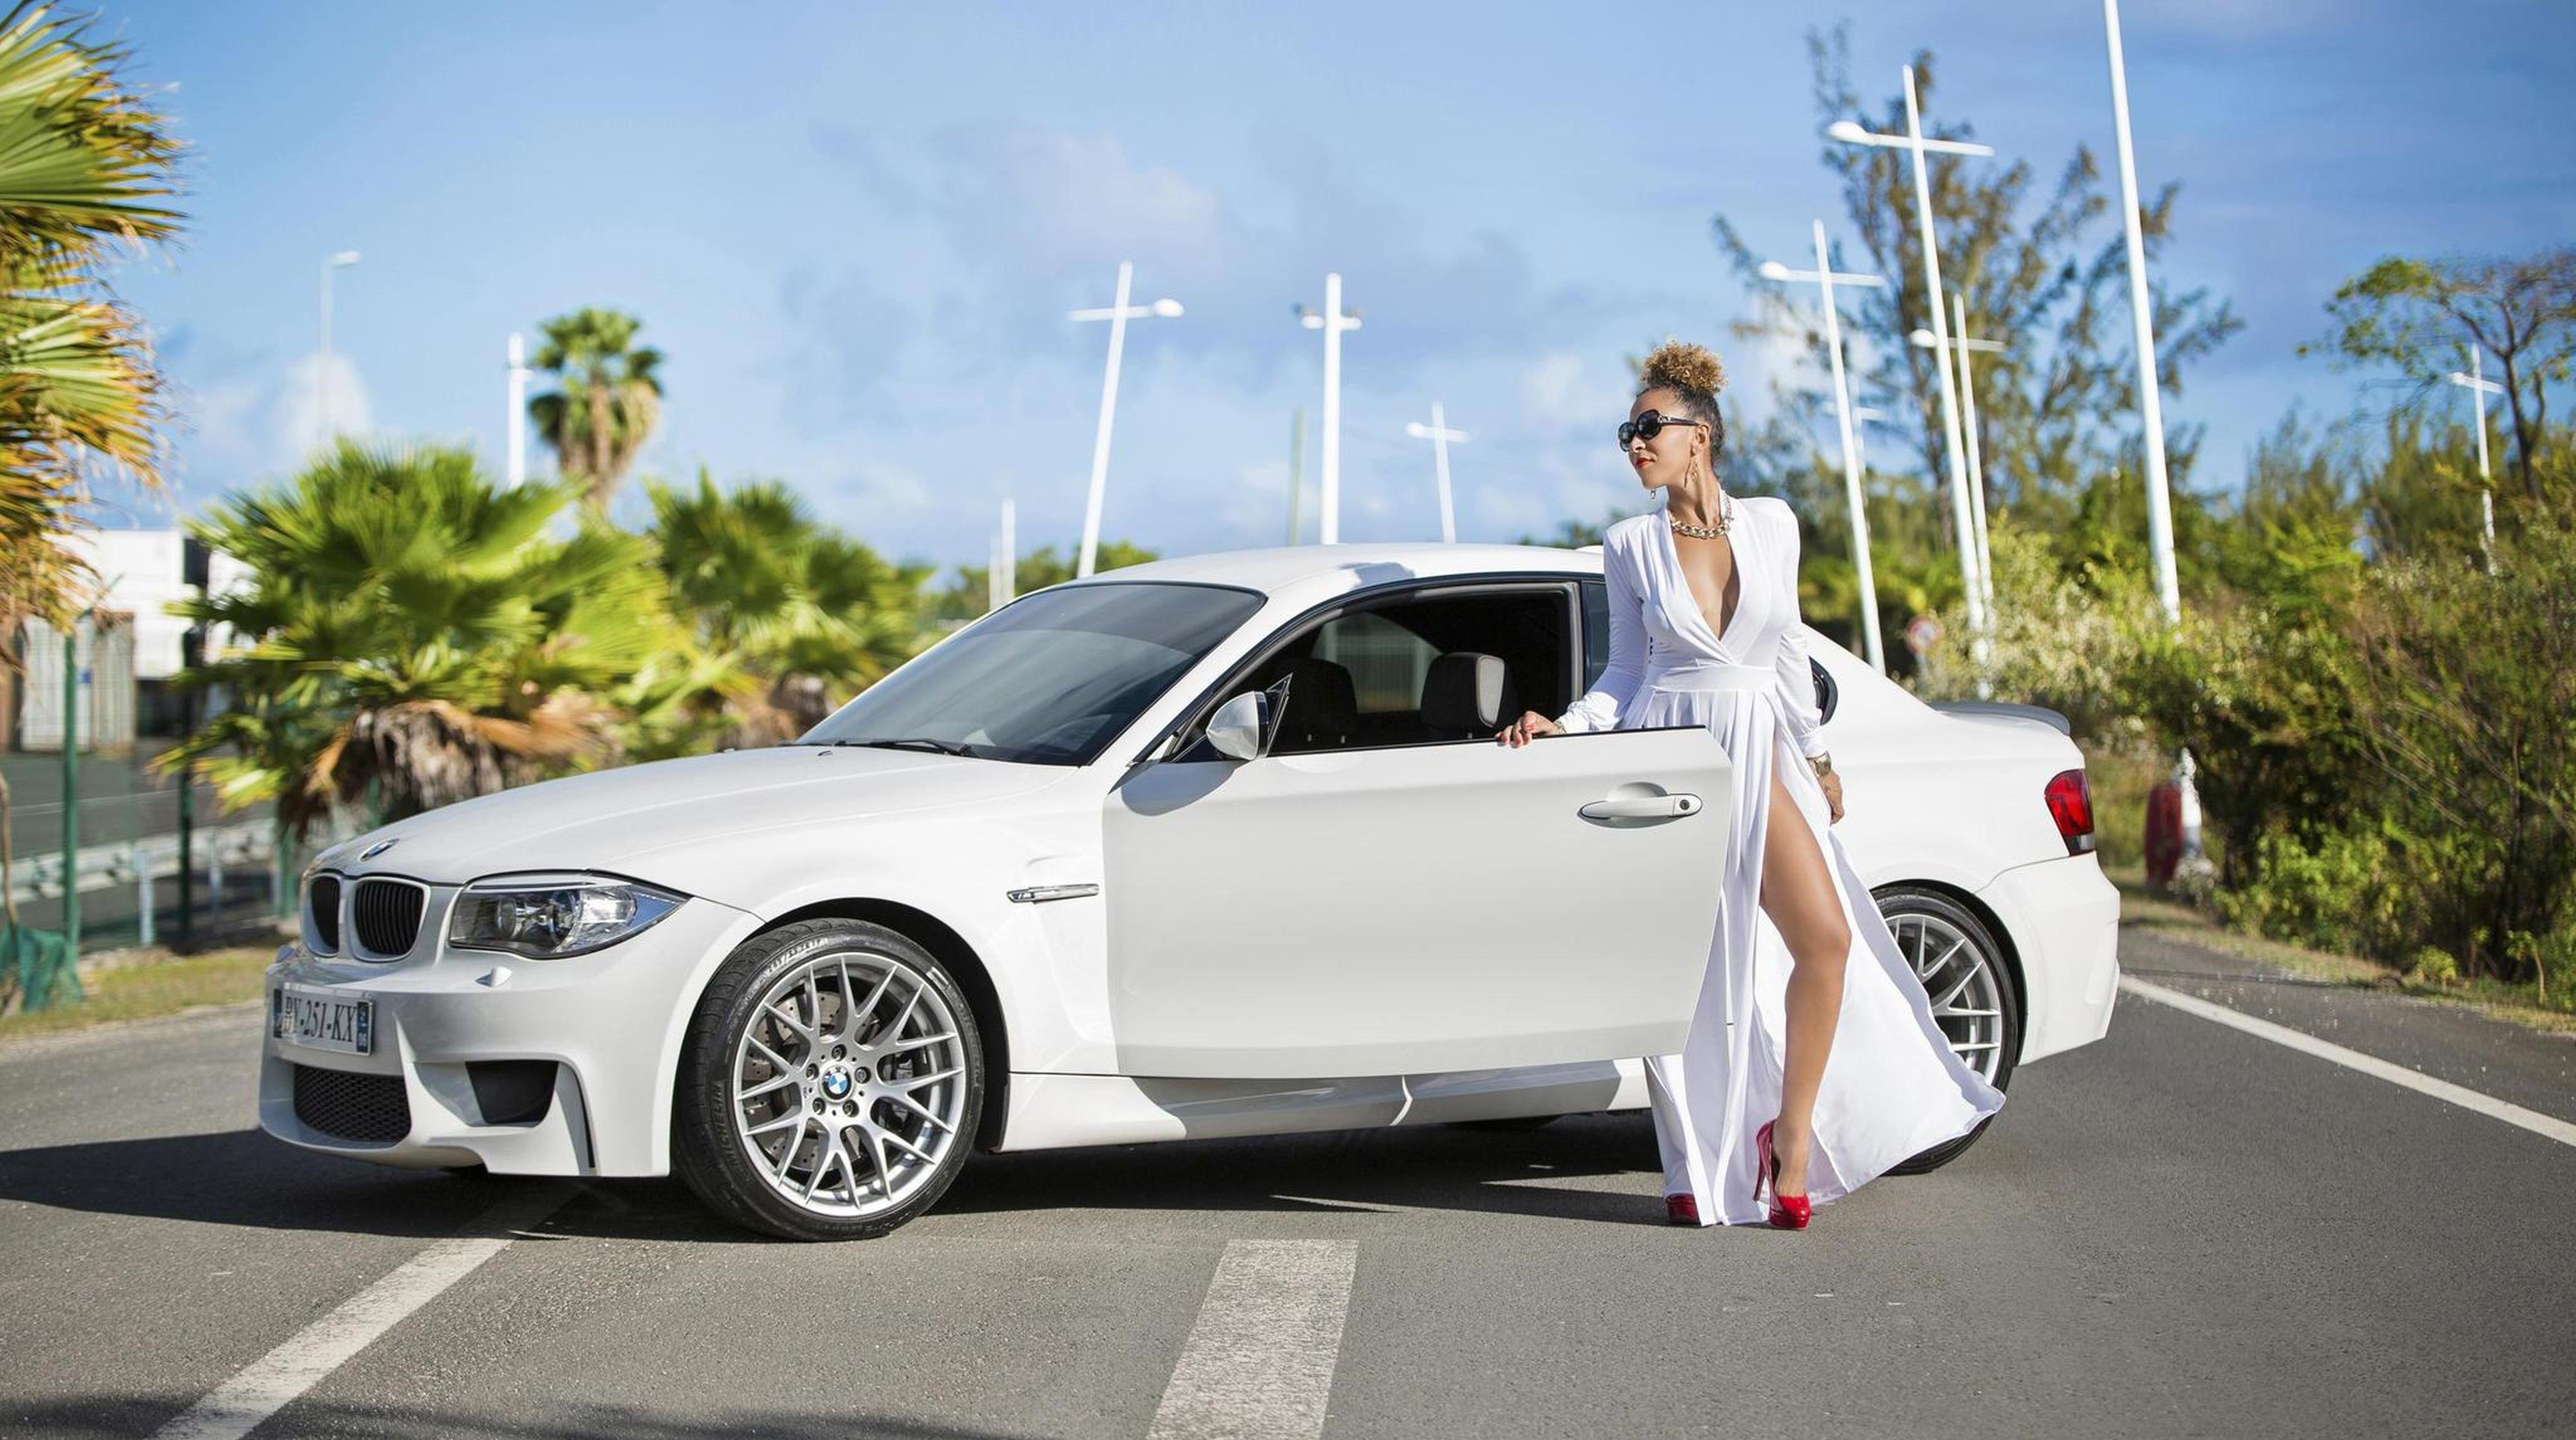 Bmw Girl Wallpaper By Jokensy: Girl Car BMW Model Dress White Wallpaper